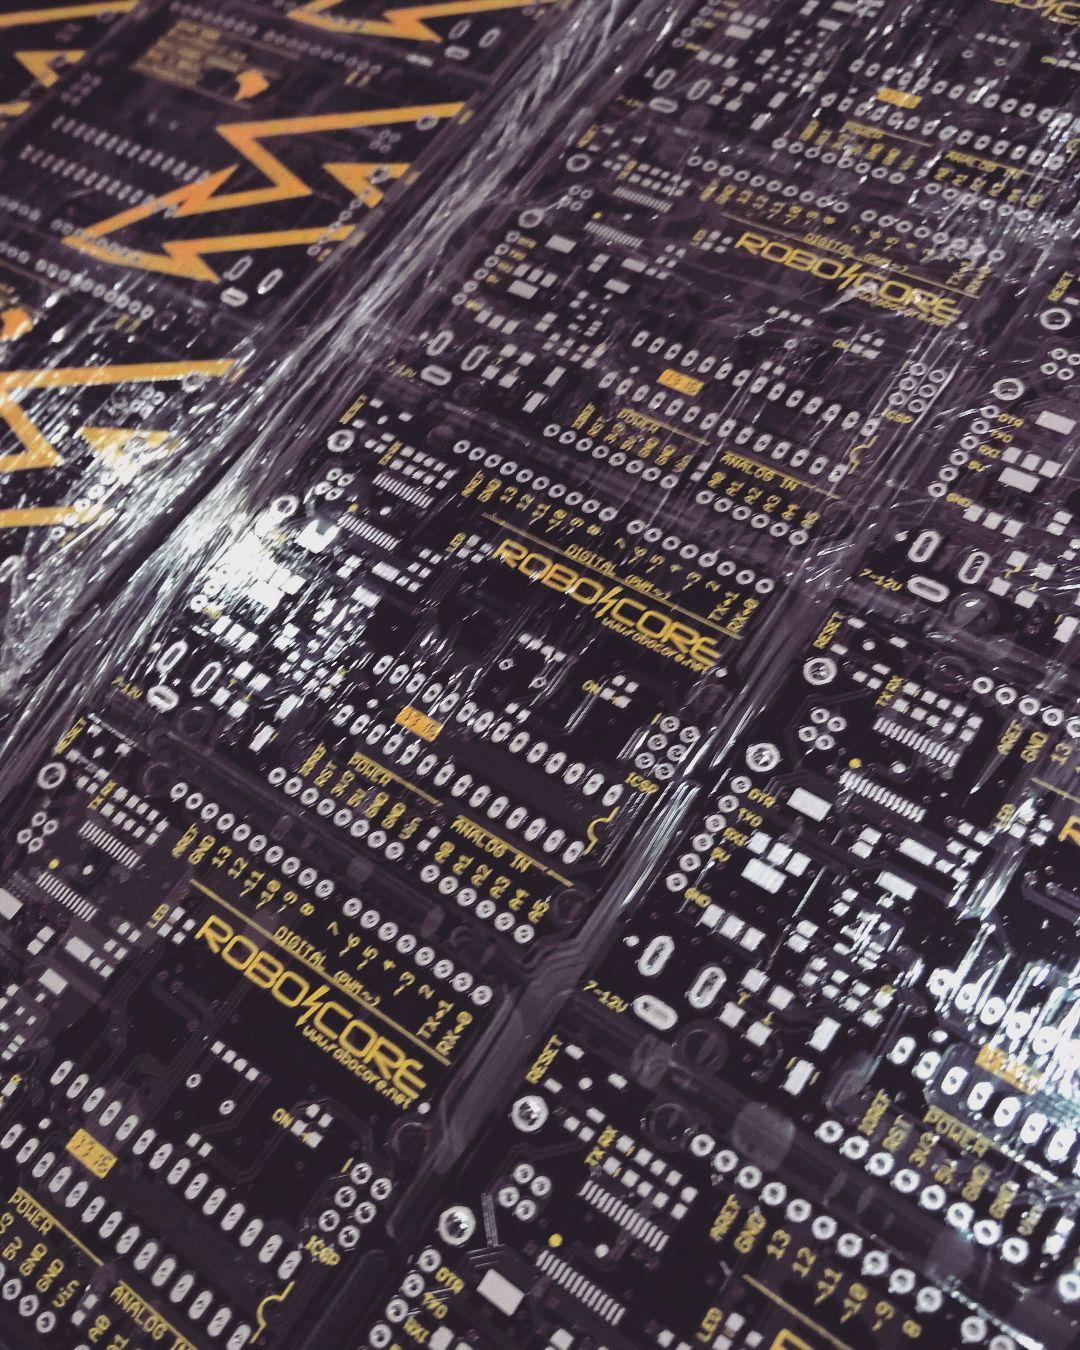 Chegaram novos painéis de BlackBoard para a produção de mais placas #robocore #arduino #openhardware #blackboard by robocore